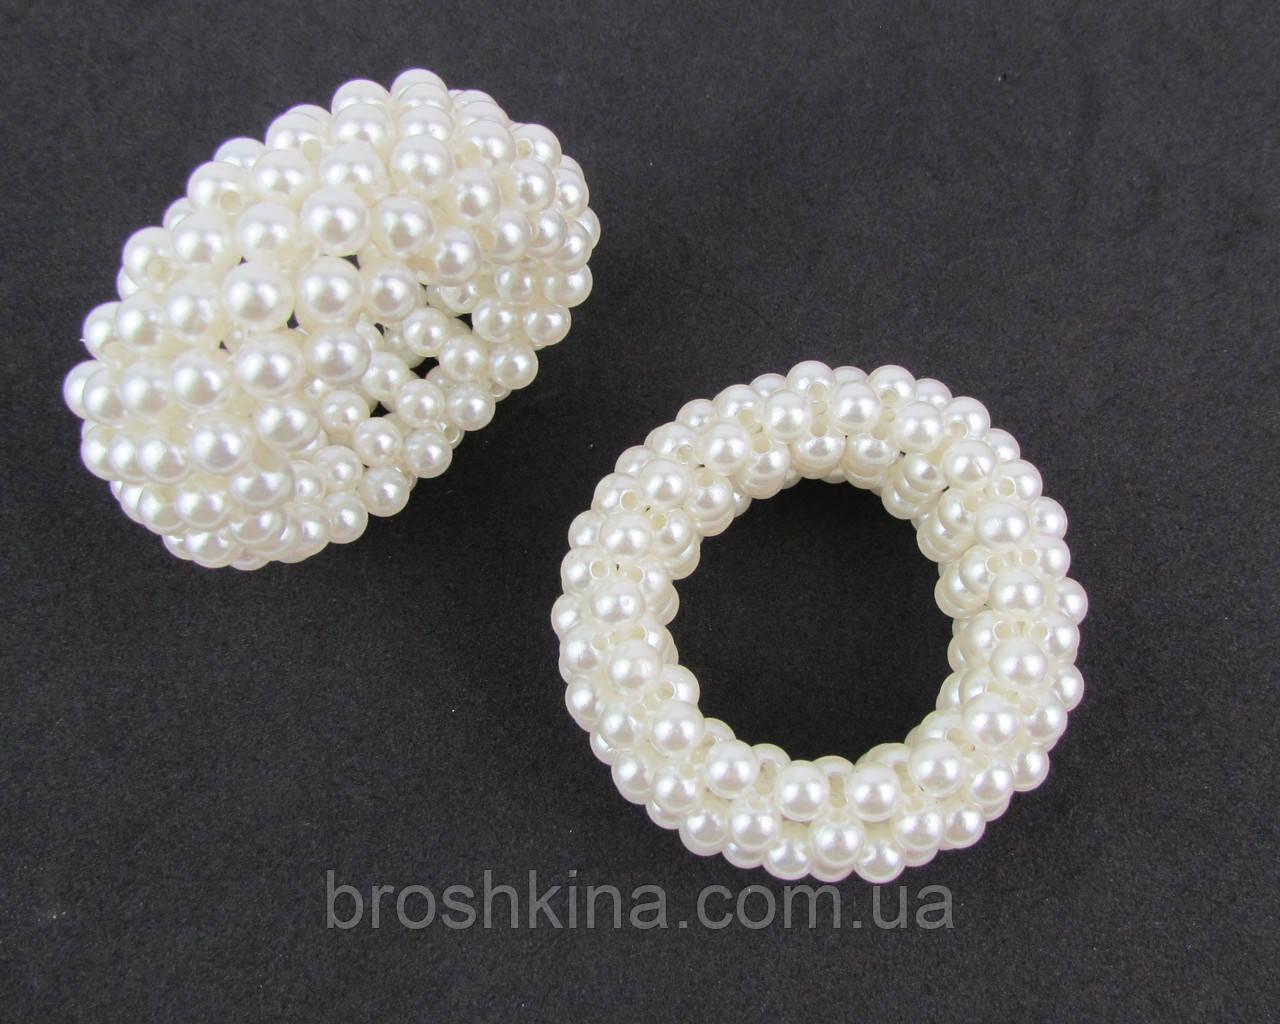 Жемчужные резинки для волос диаметр 5.5 см белые 6 шт/уп.